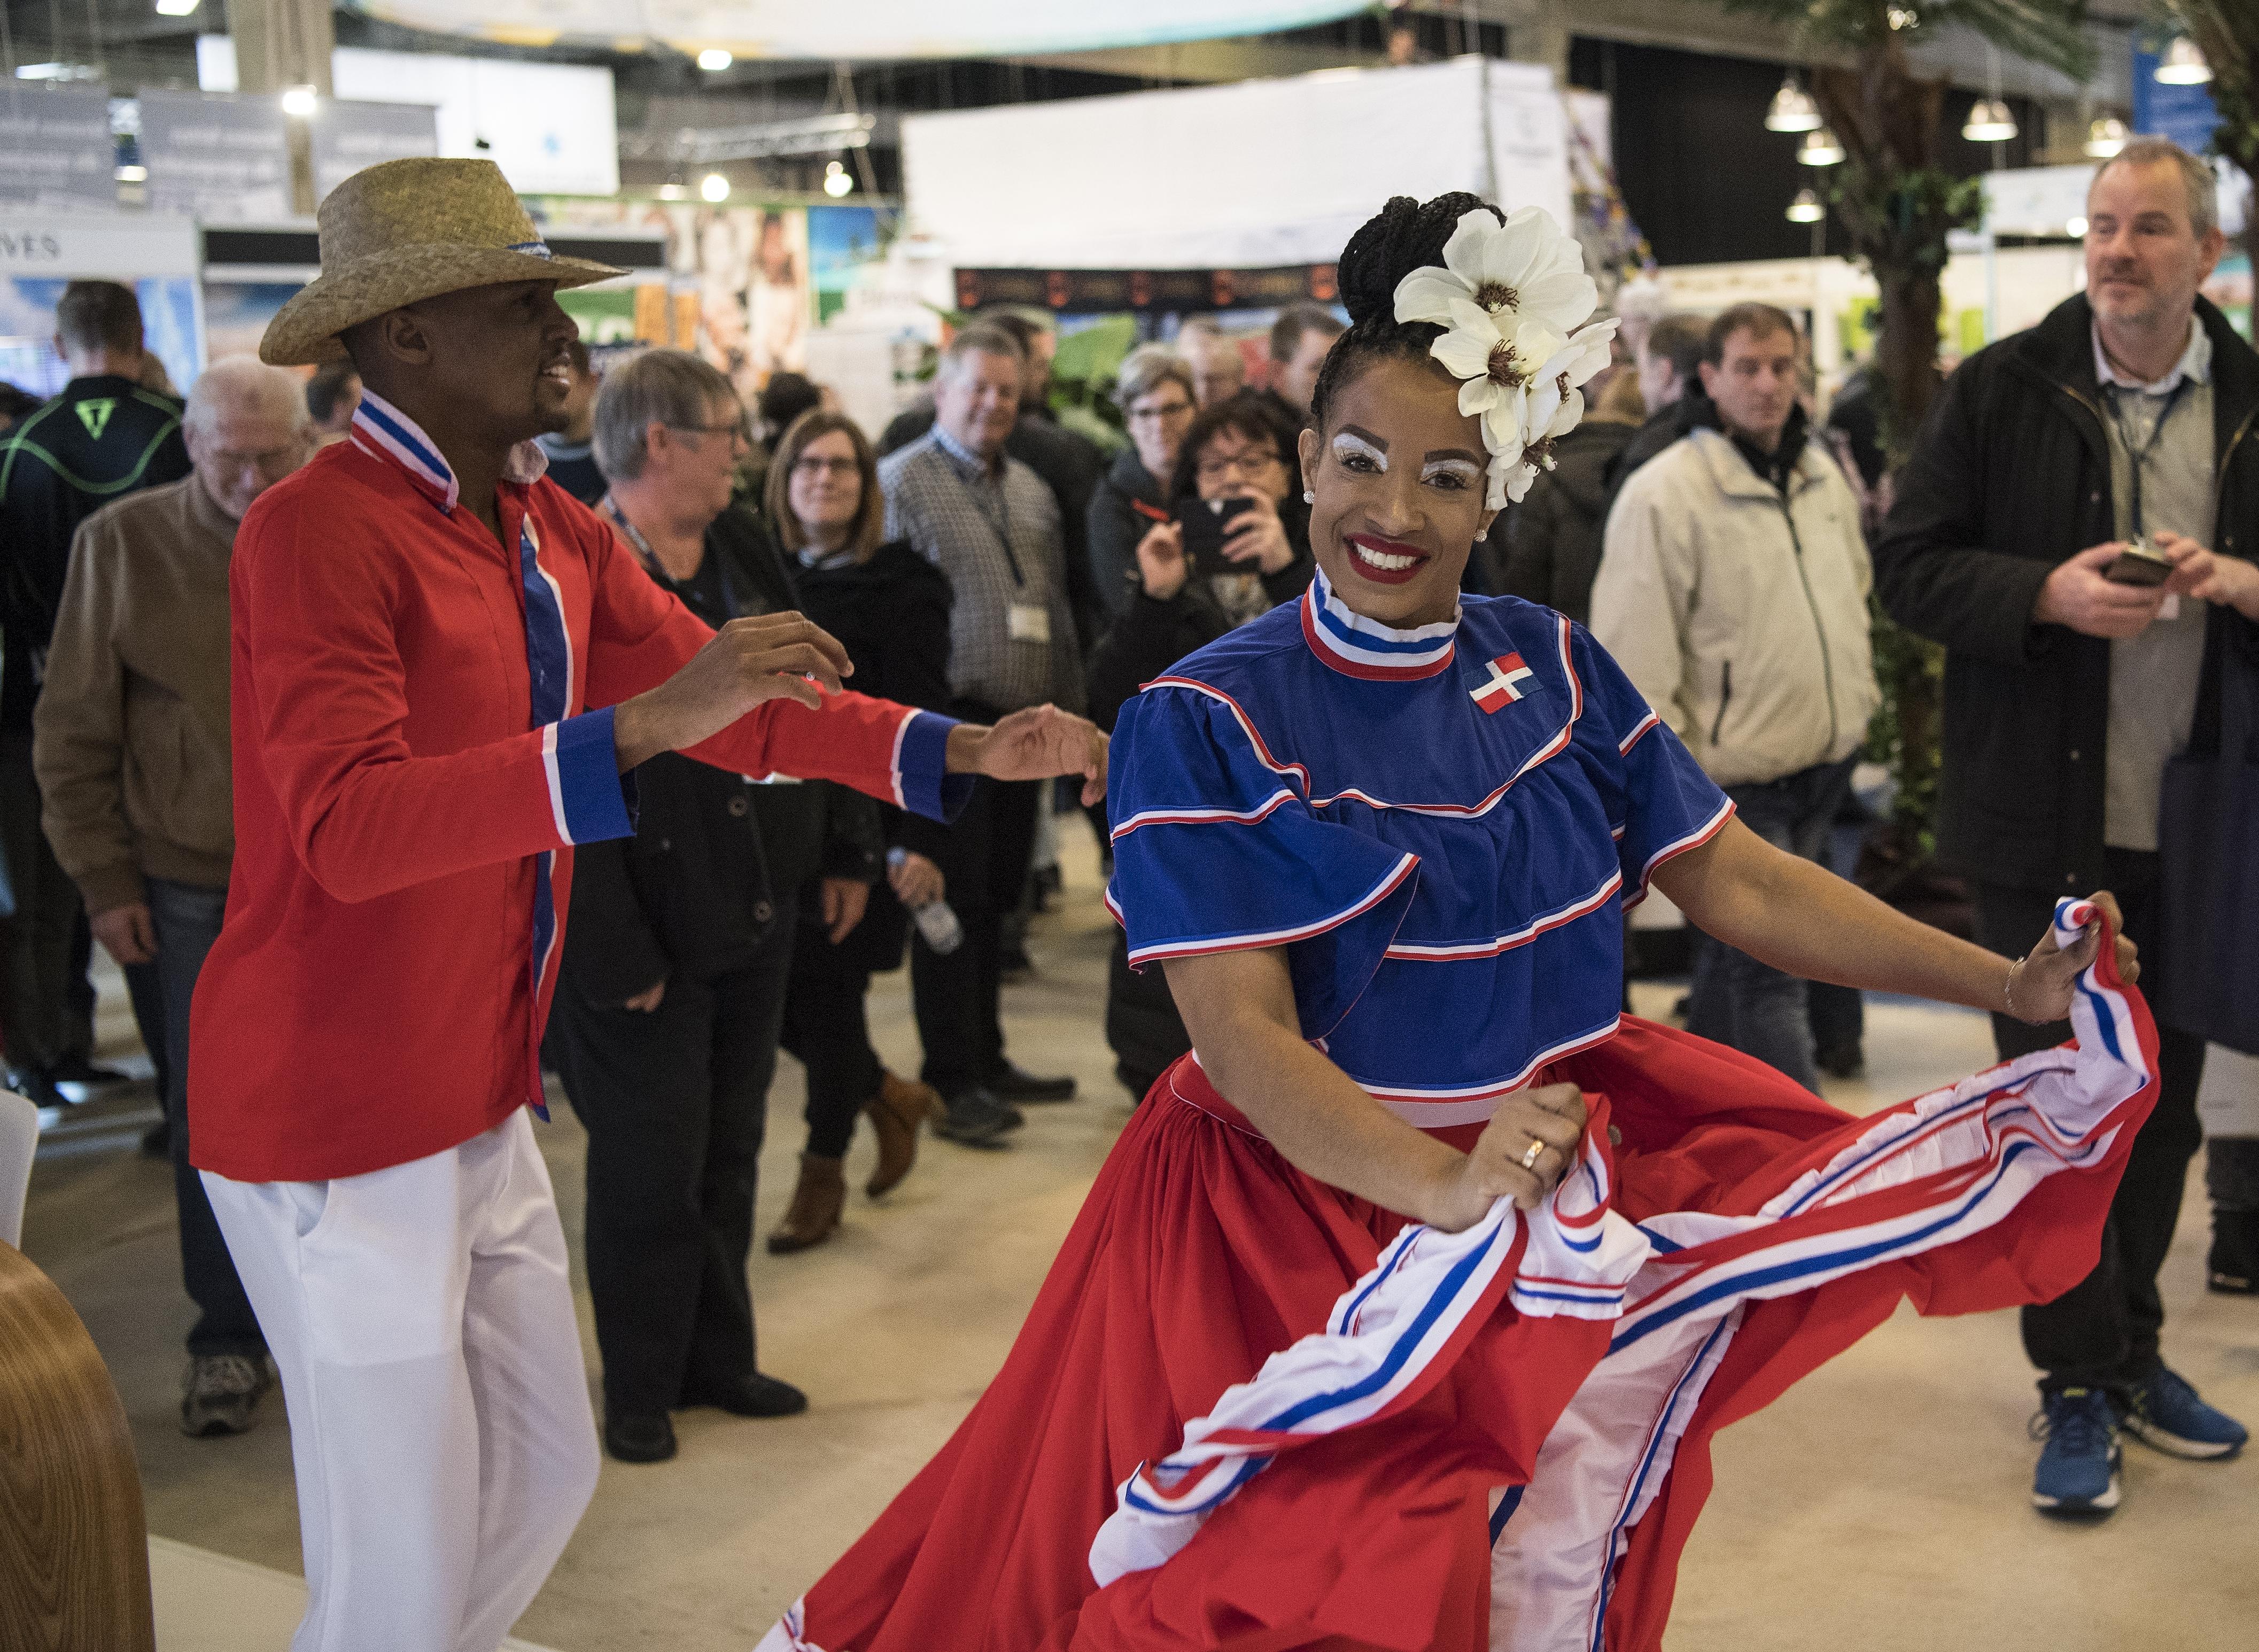 Der bliver caribisk stemning i Messecenter Herning under Ferie for Alle den 22-24. februar næste år. Foto: MCH/Lars Møller.